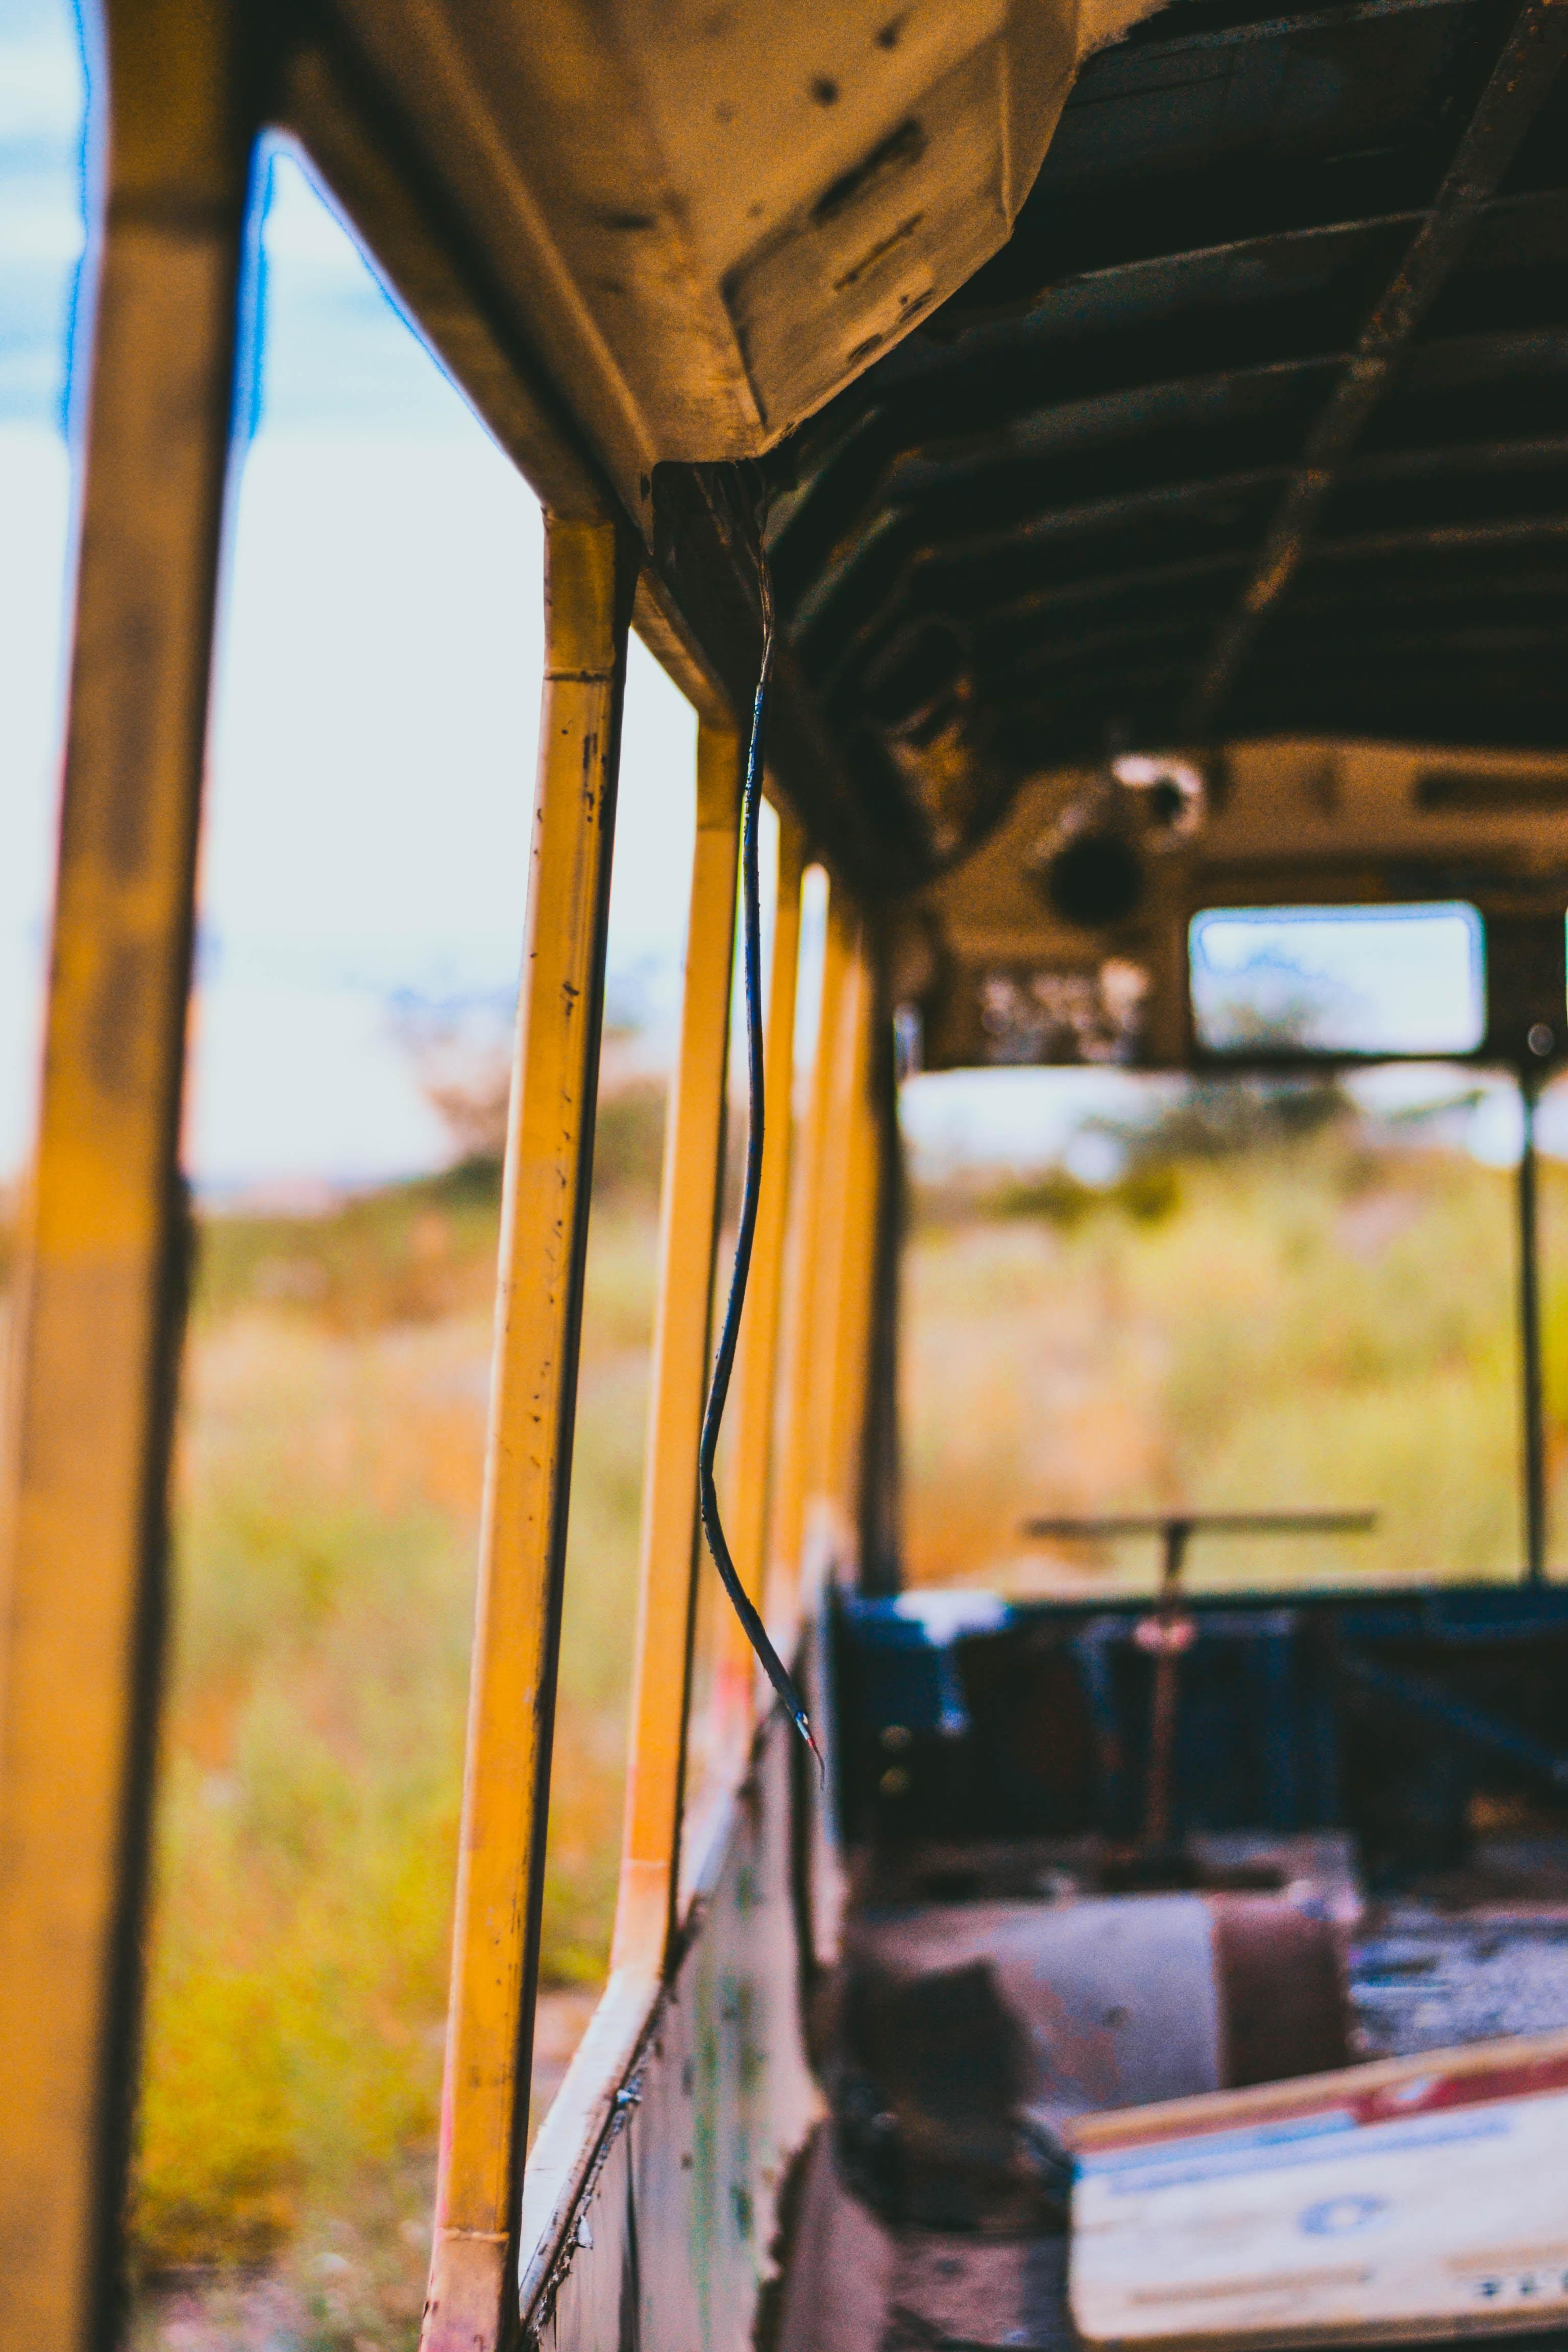 photo of bus interior